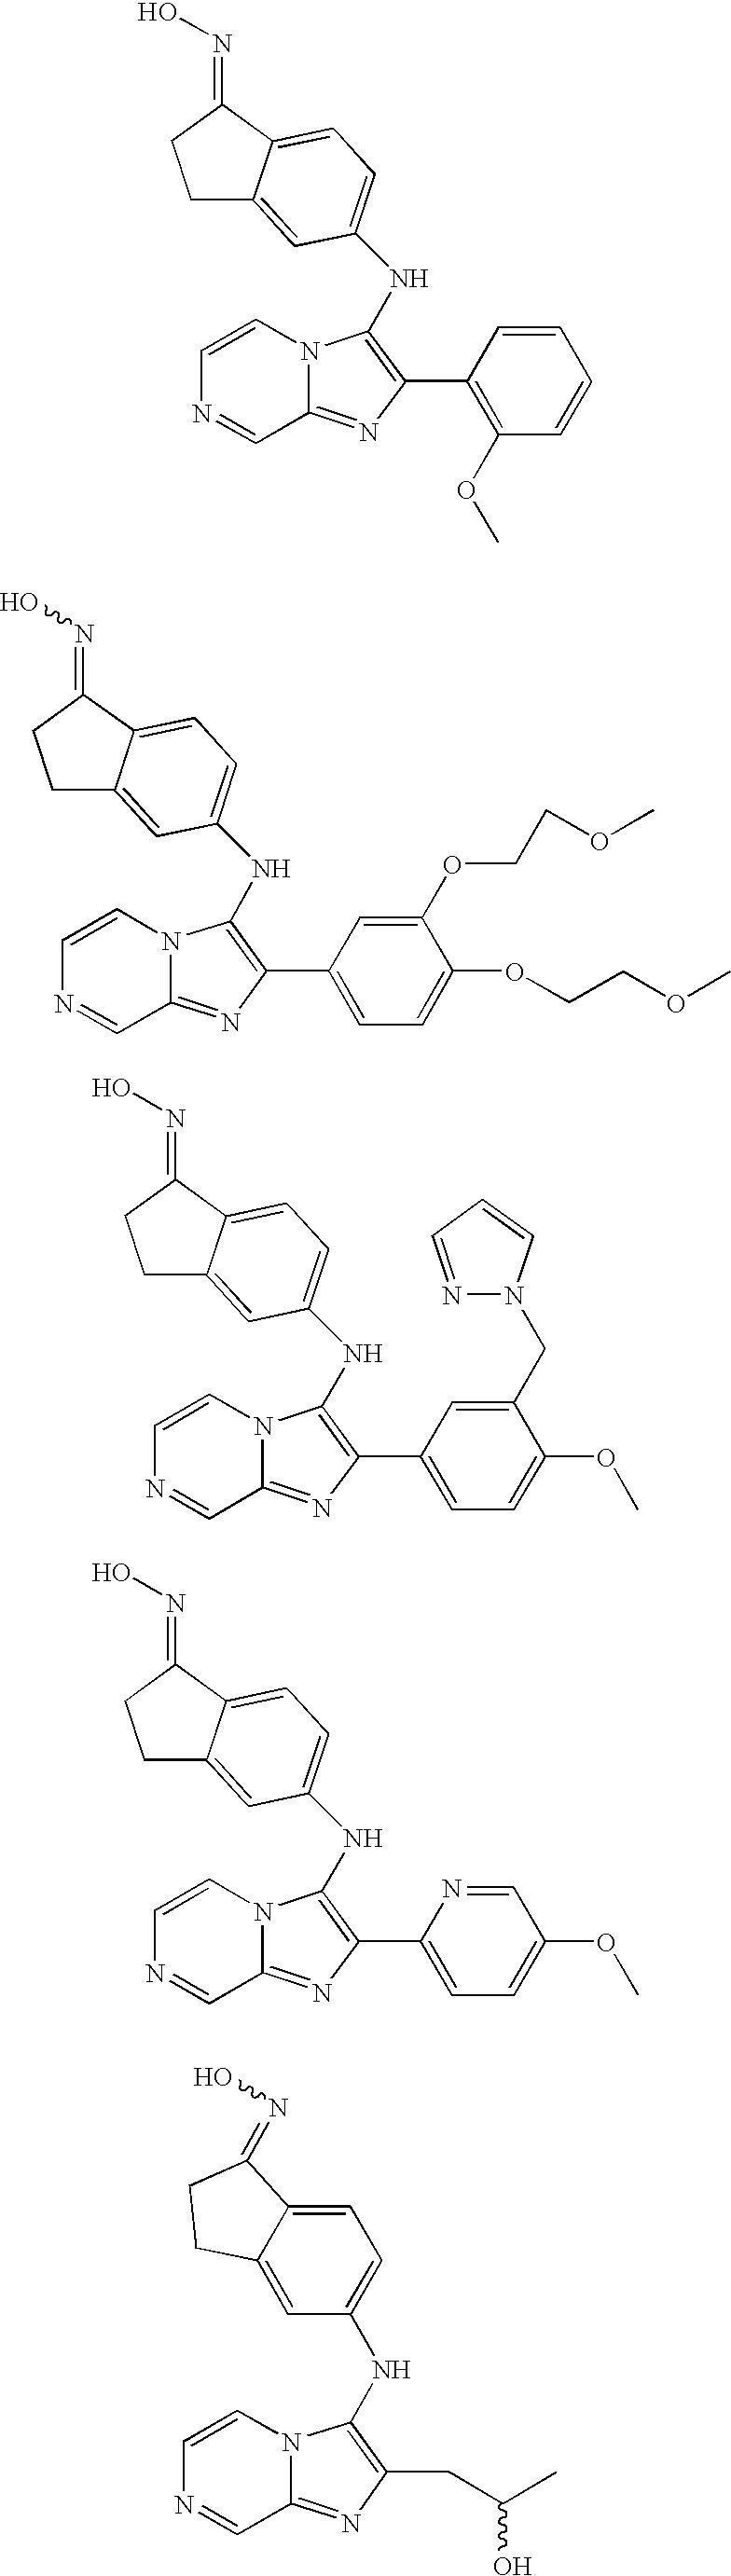 Figure US07566716-20090728-C00150